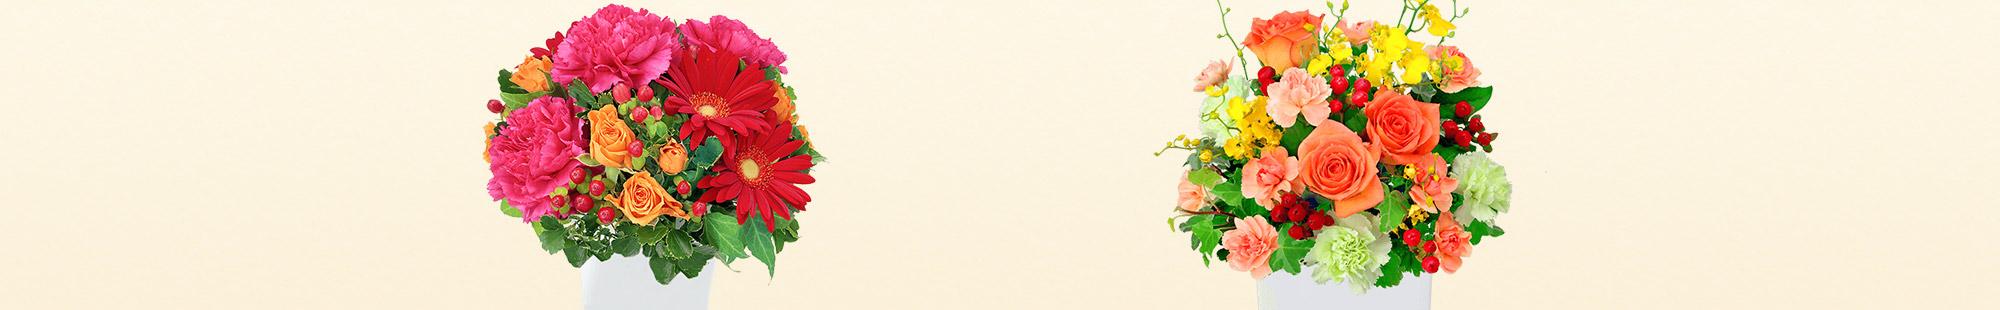 花キューピットの秋の誕生日プレゼント特集2020